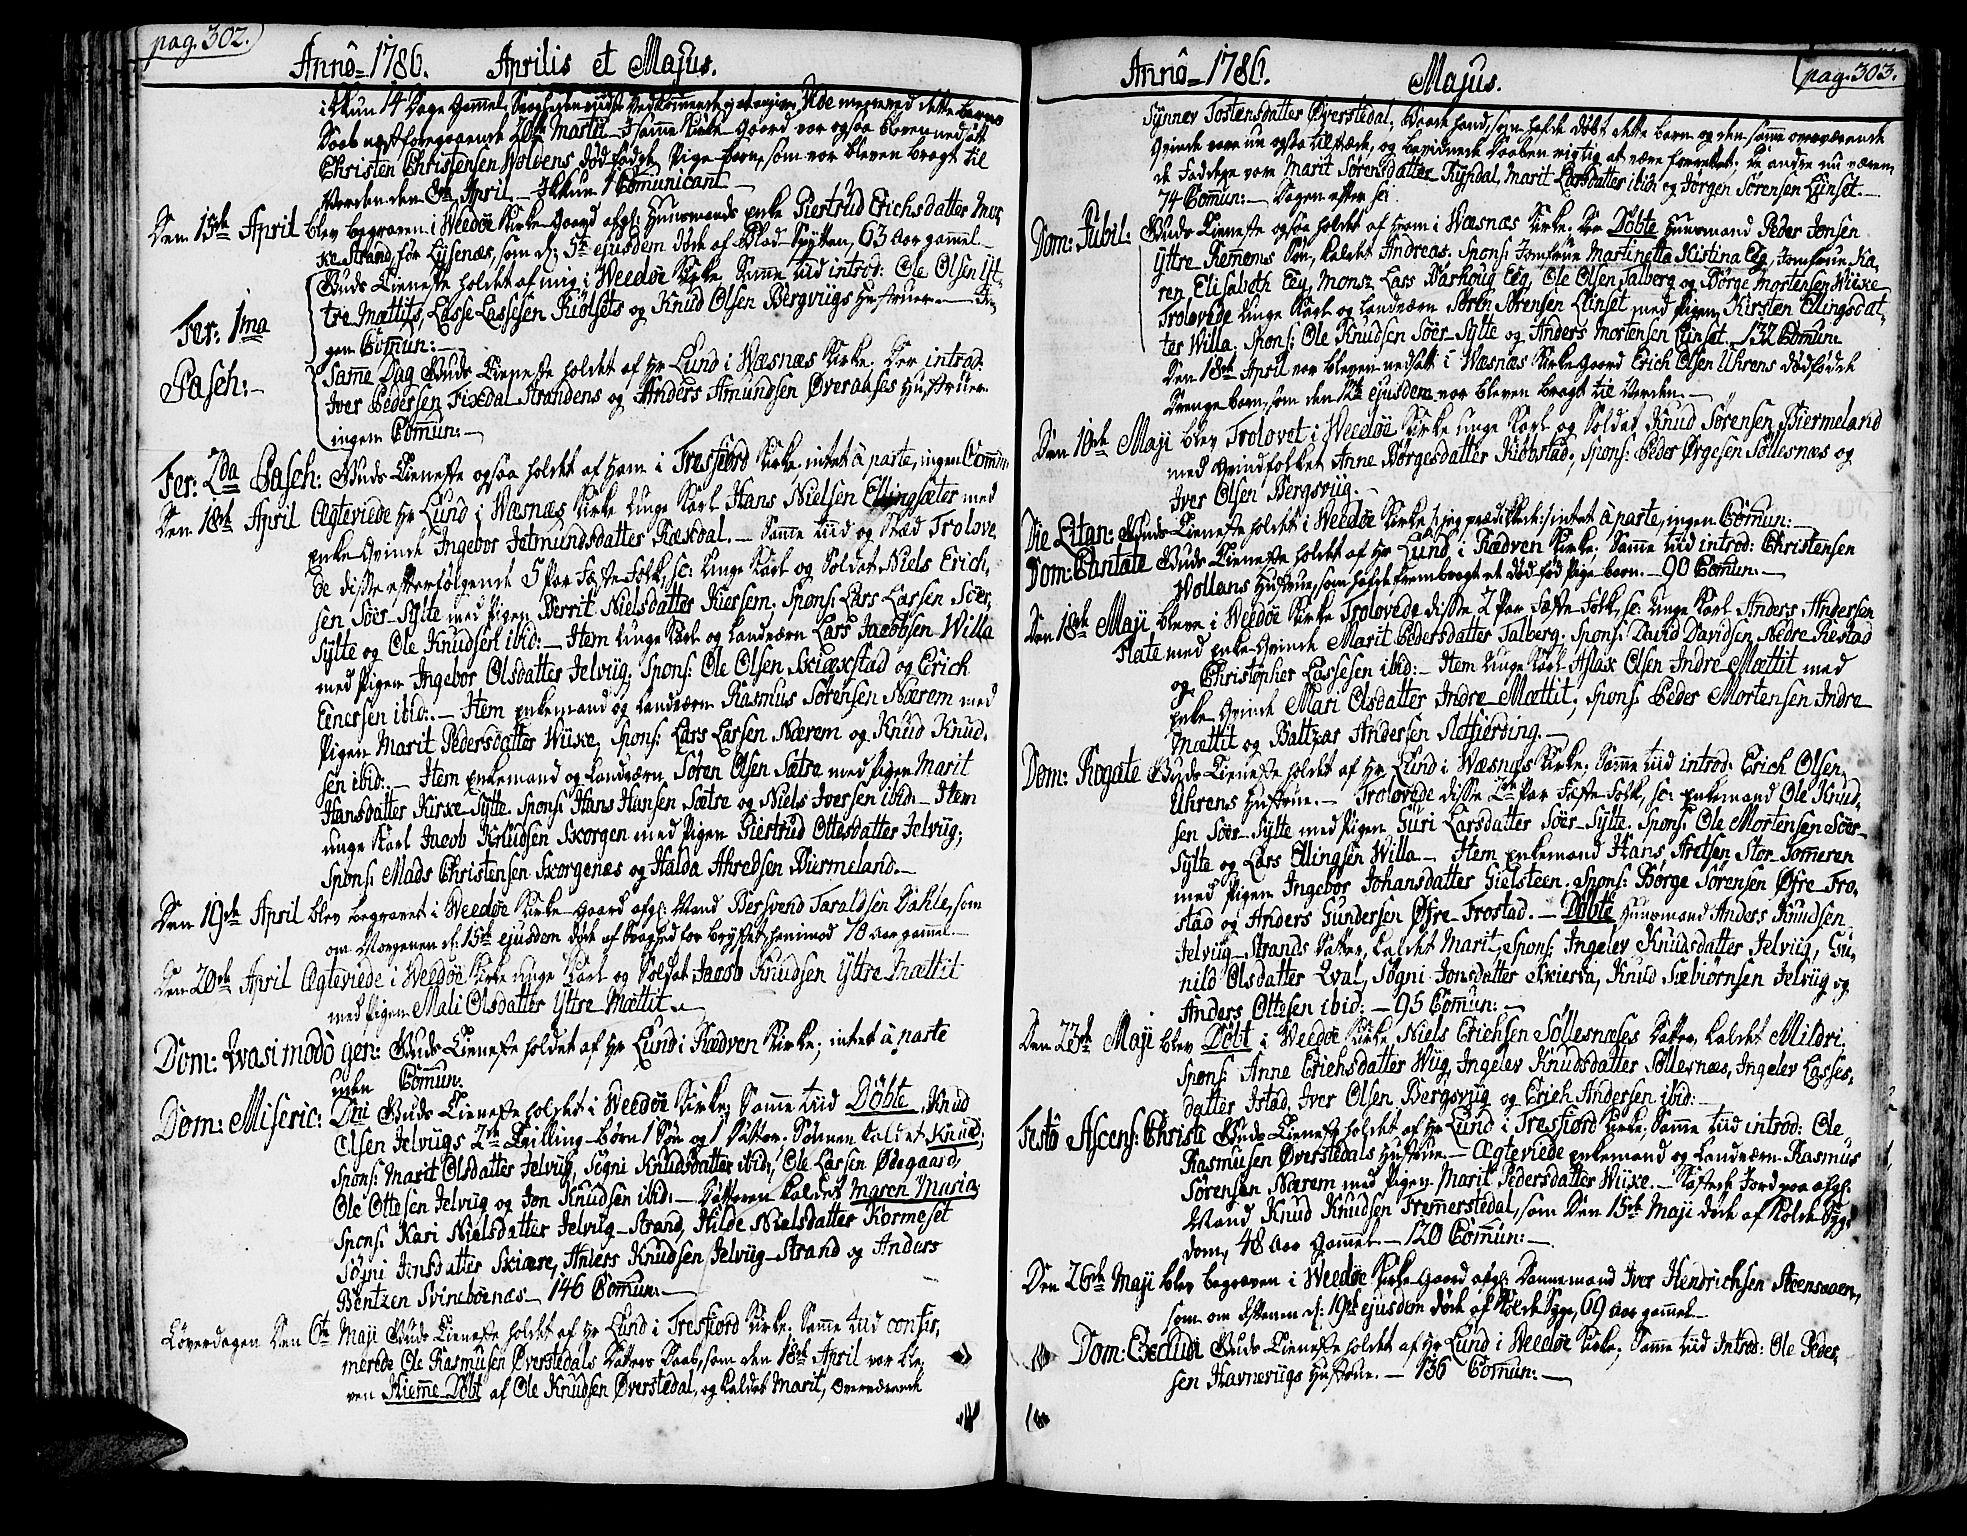 SAT, Ministerialprotokoller, klokkerbøker og fødselsregistre - Møre og Romsdal, 547/L0600: Ministerialbok nr. 547A02, 1765-1799, s. 302-303